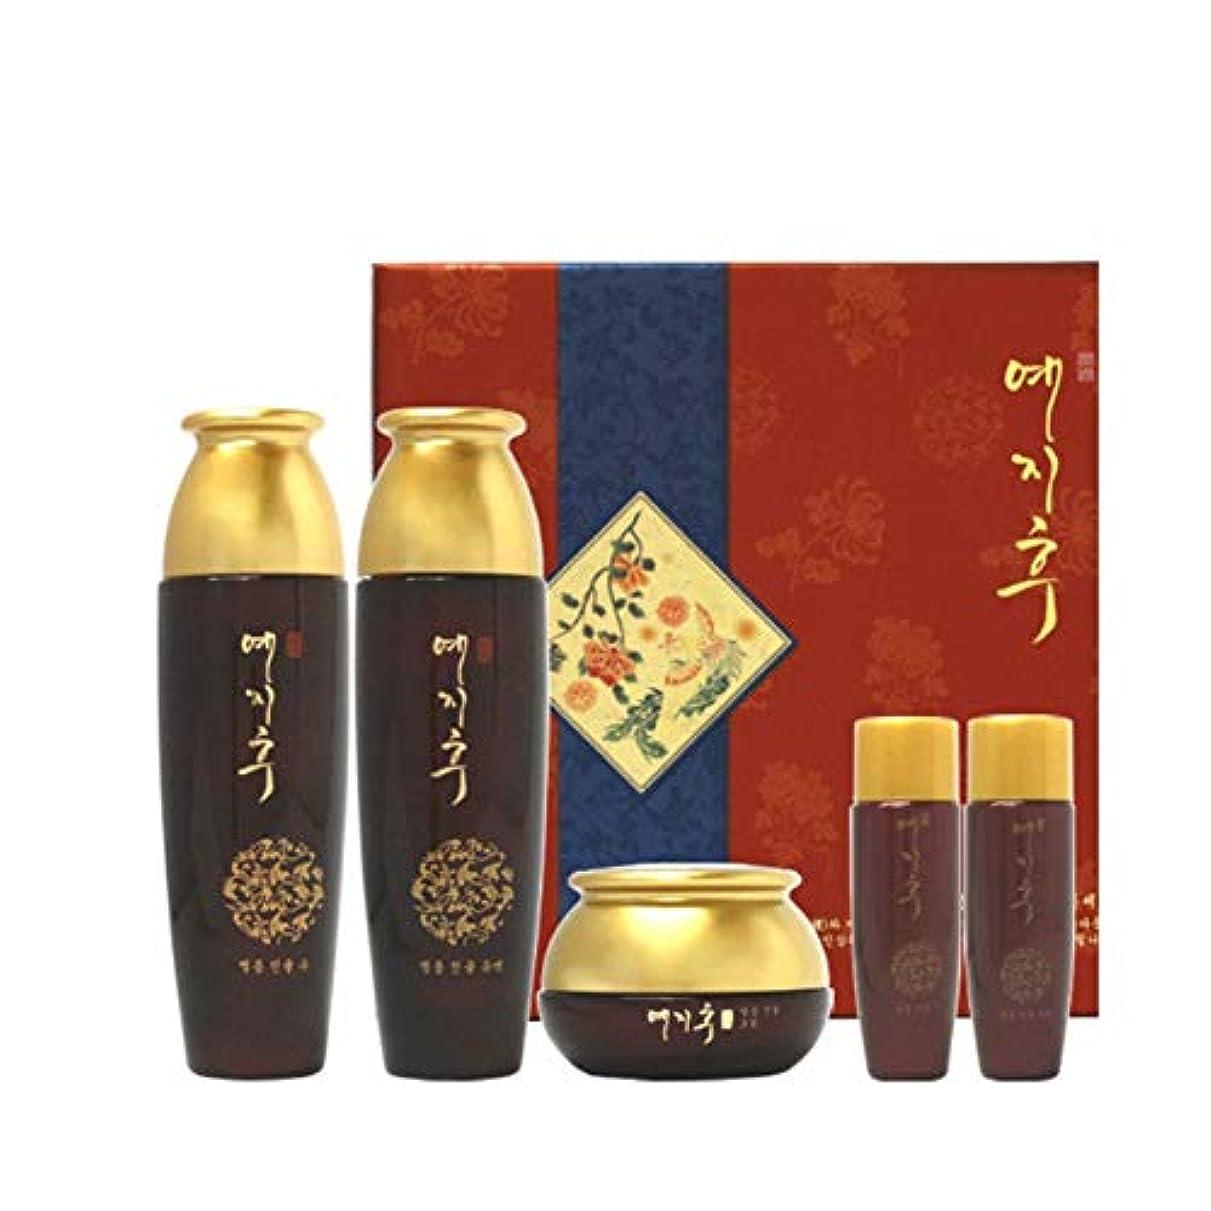 温度計やりすぎ初期イェジフブランドジャムヤング女性3種セットジンユル水180ml(150+30)ジンユル乳液180ml(150+30)ジンユルクリーム50g、Yezihu 3 Sets of Women's Luxury Cosmetics...